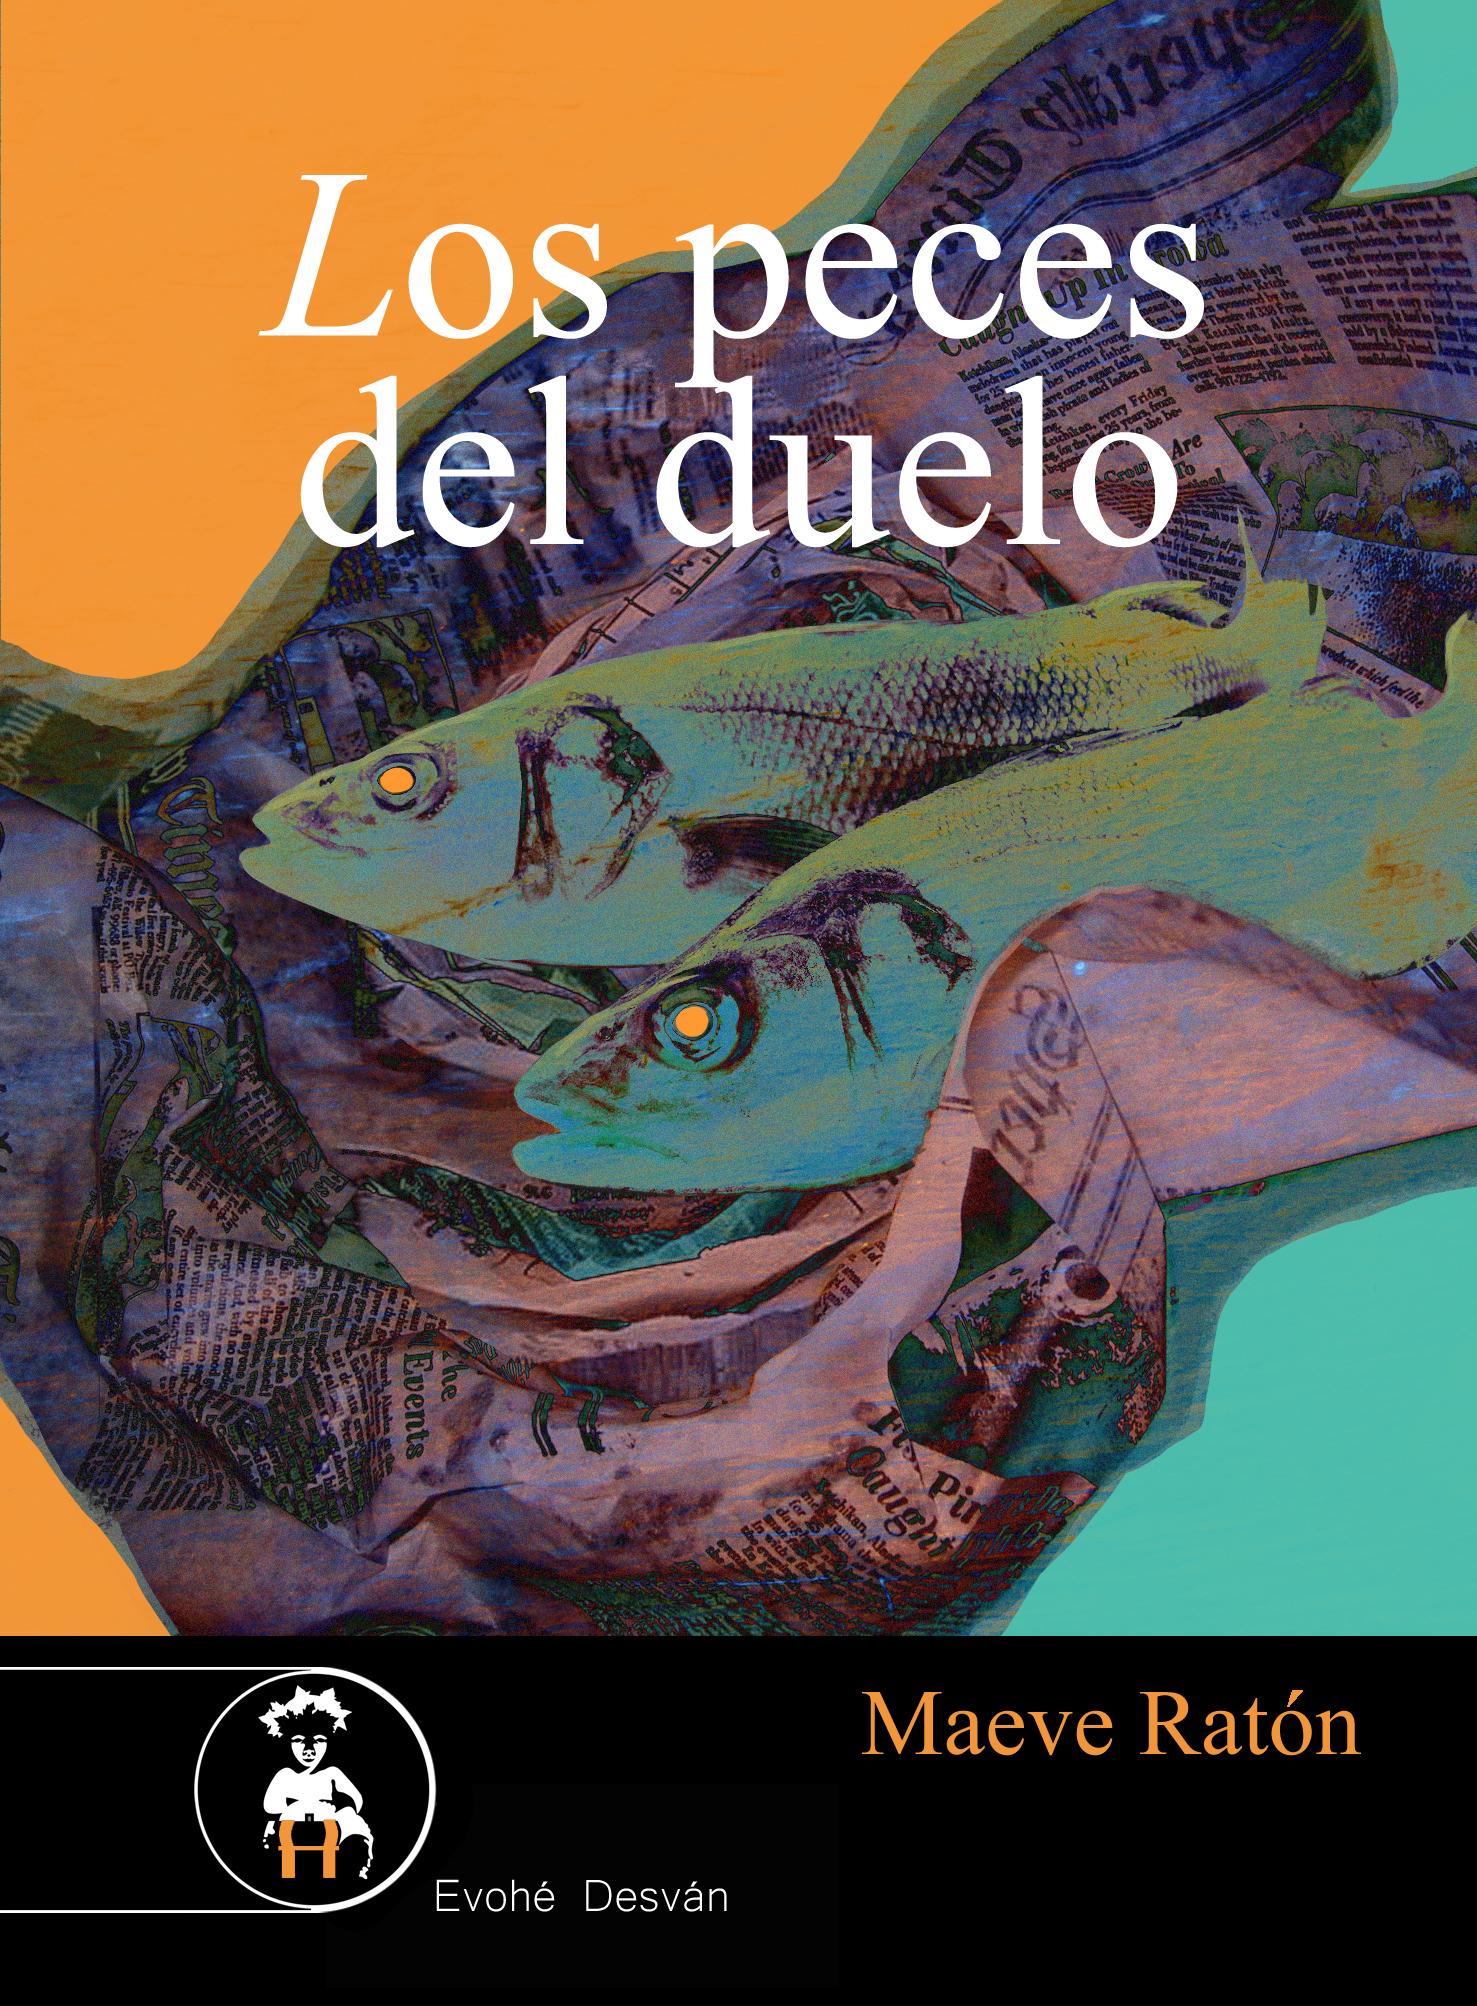 Los peces del duelo – Maeve Ratón